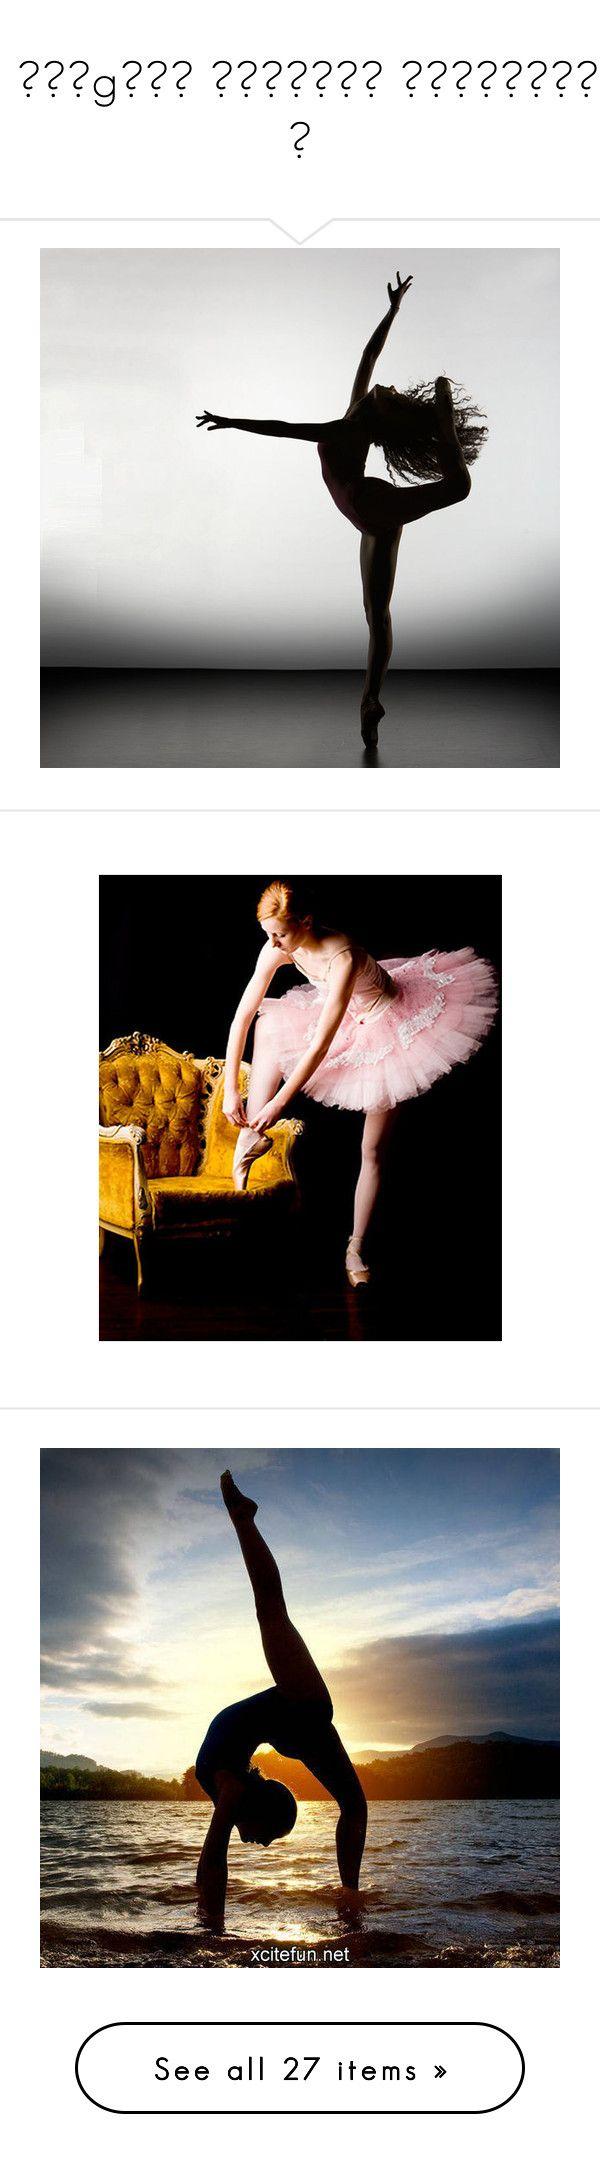 """""""♥ αвιgαιℓ мα∂ιѕσи вαвιиєαυχ ♥"""" by lolalisa ❤ liked on Polyvore featuring dance, backgrounds, ballet, pictures, people, models, splash, photos, alice greczyn and girls"""